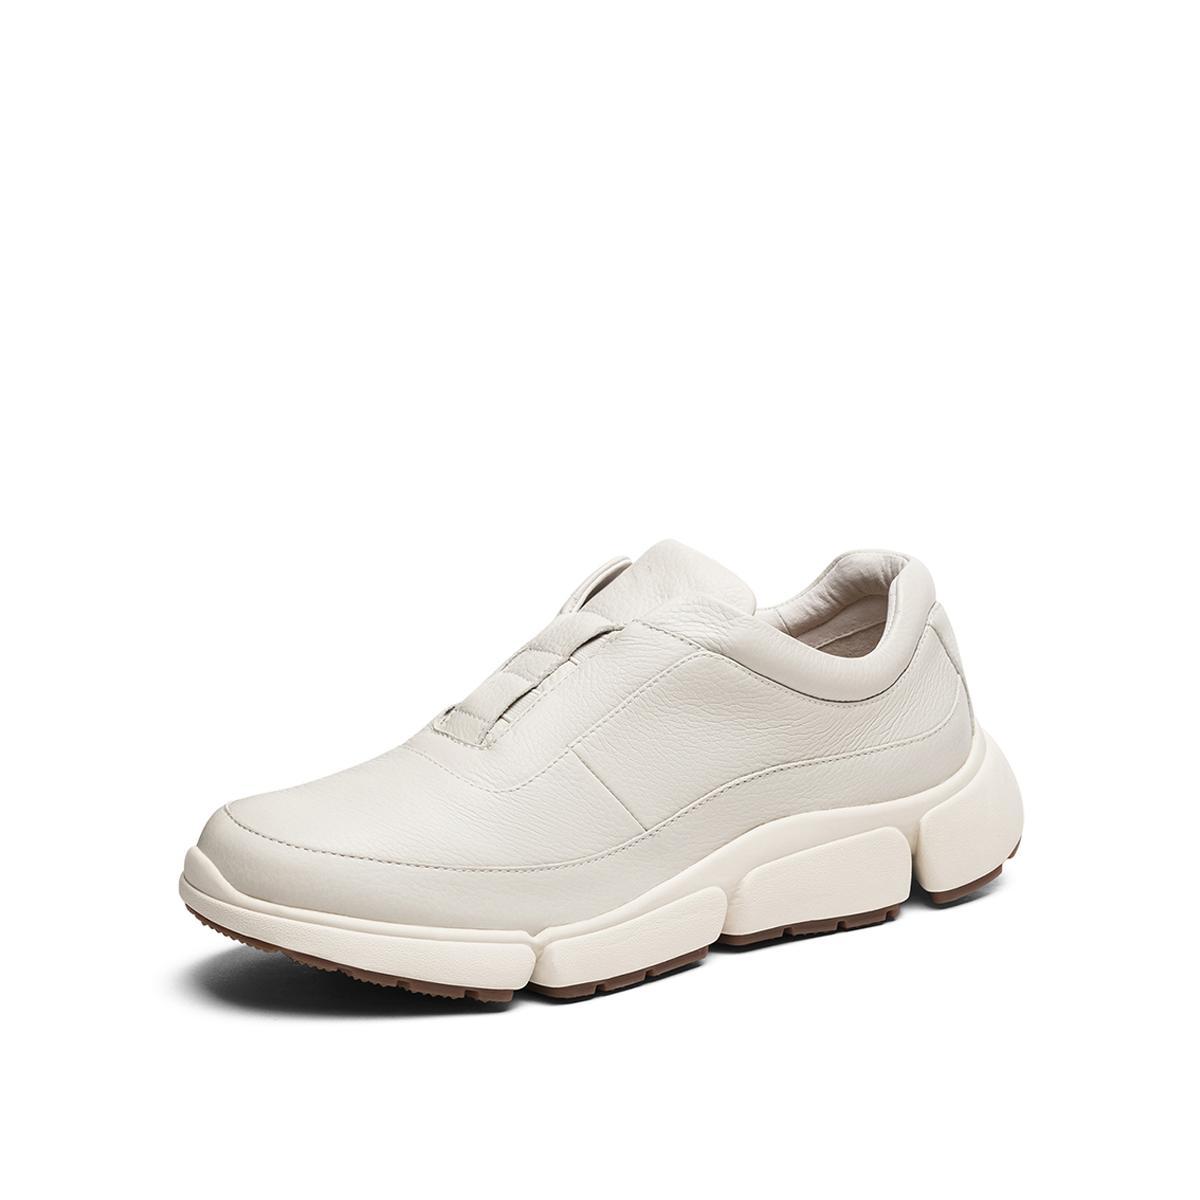 圣伽步SKAP/圣伽步秋冬季专柜同款牛皮时尚运动风厚底男休闲鞋1581609171